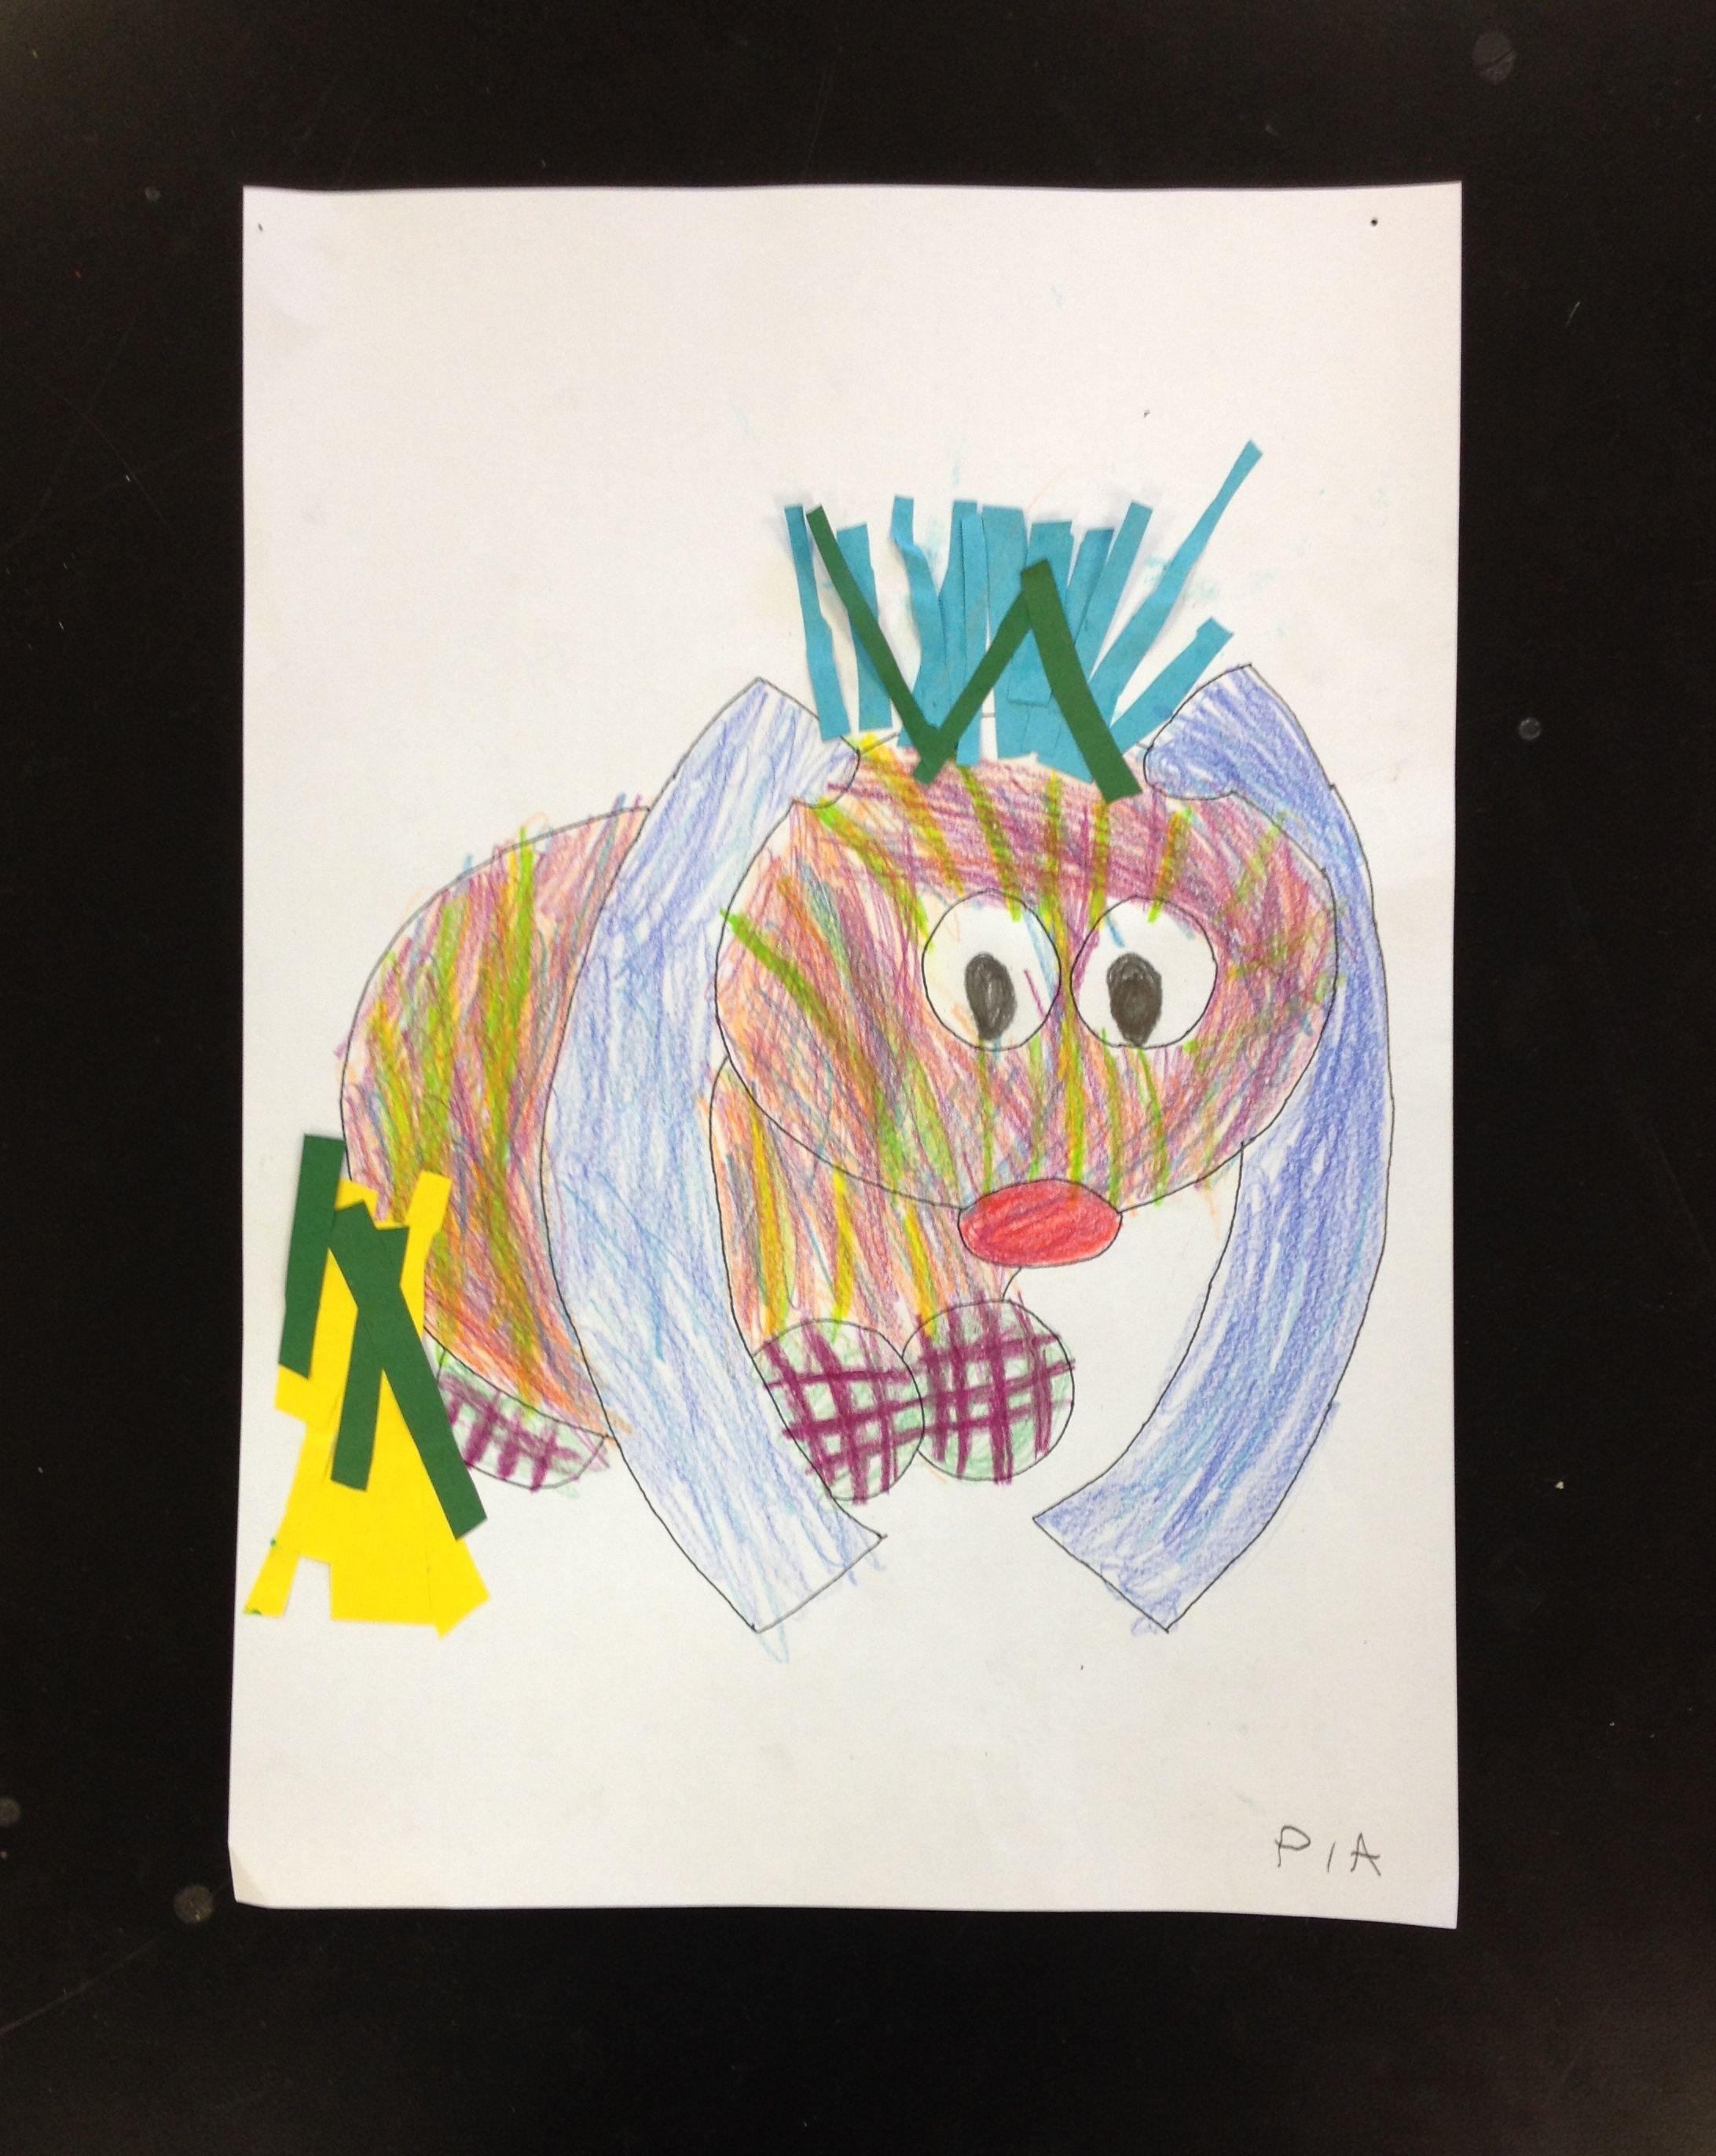 Das kleine Ich-bin-Ich freies Malen kreativ Kinder Idee